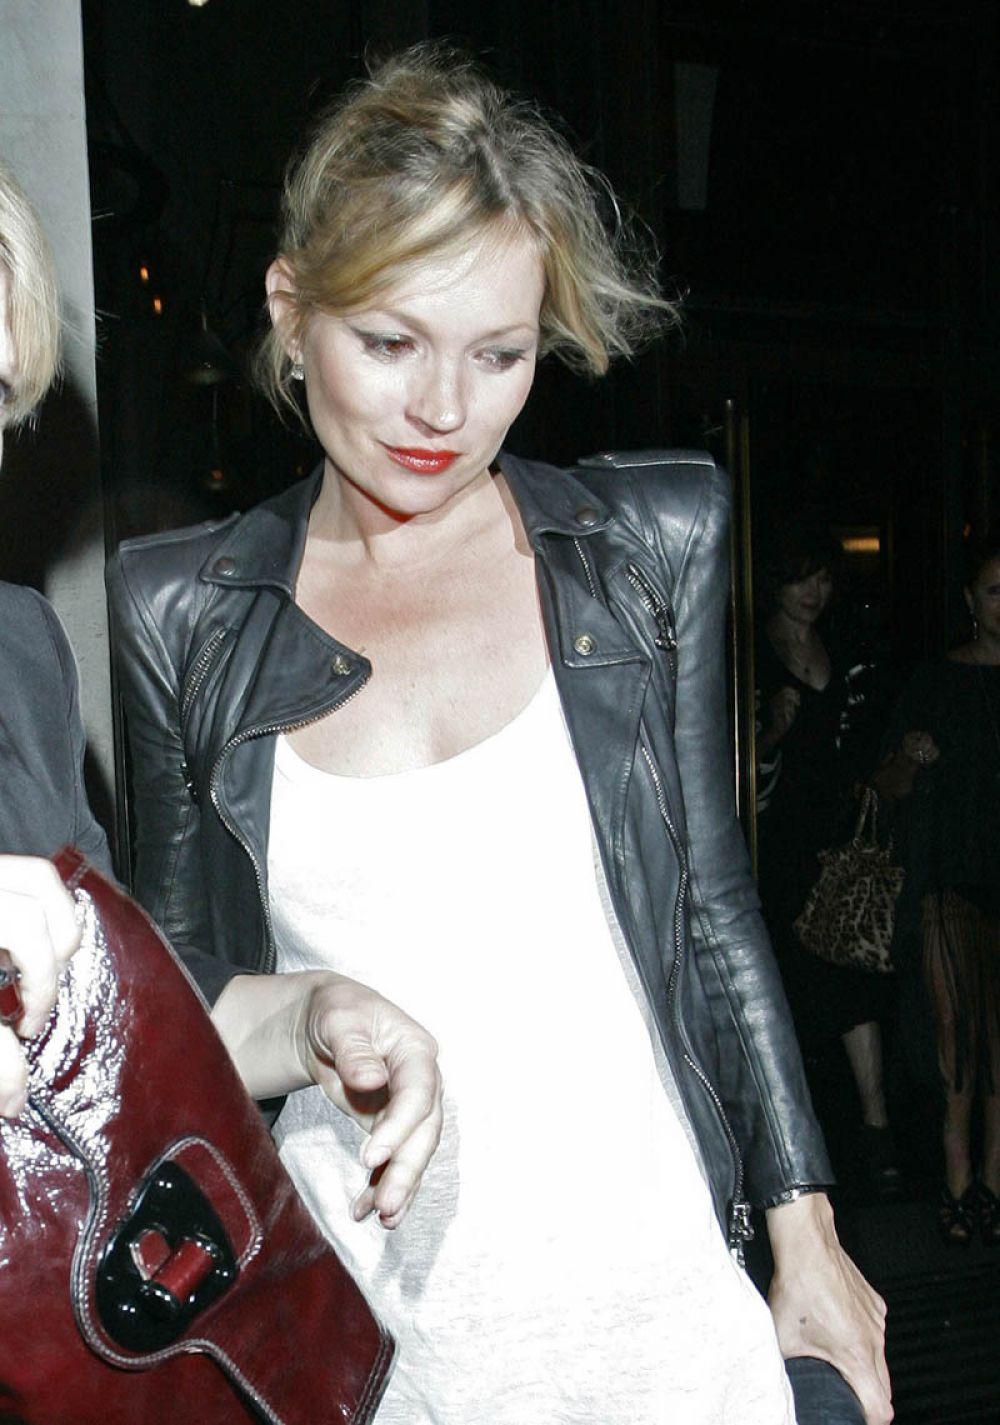 Кейт Мосс возвращается после вечеринки. 2010 год.